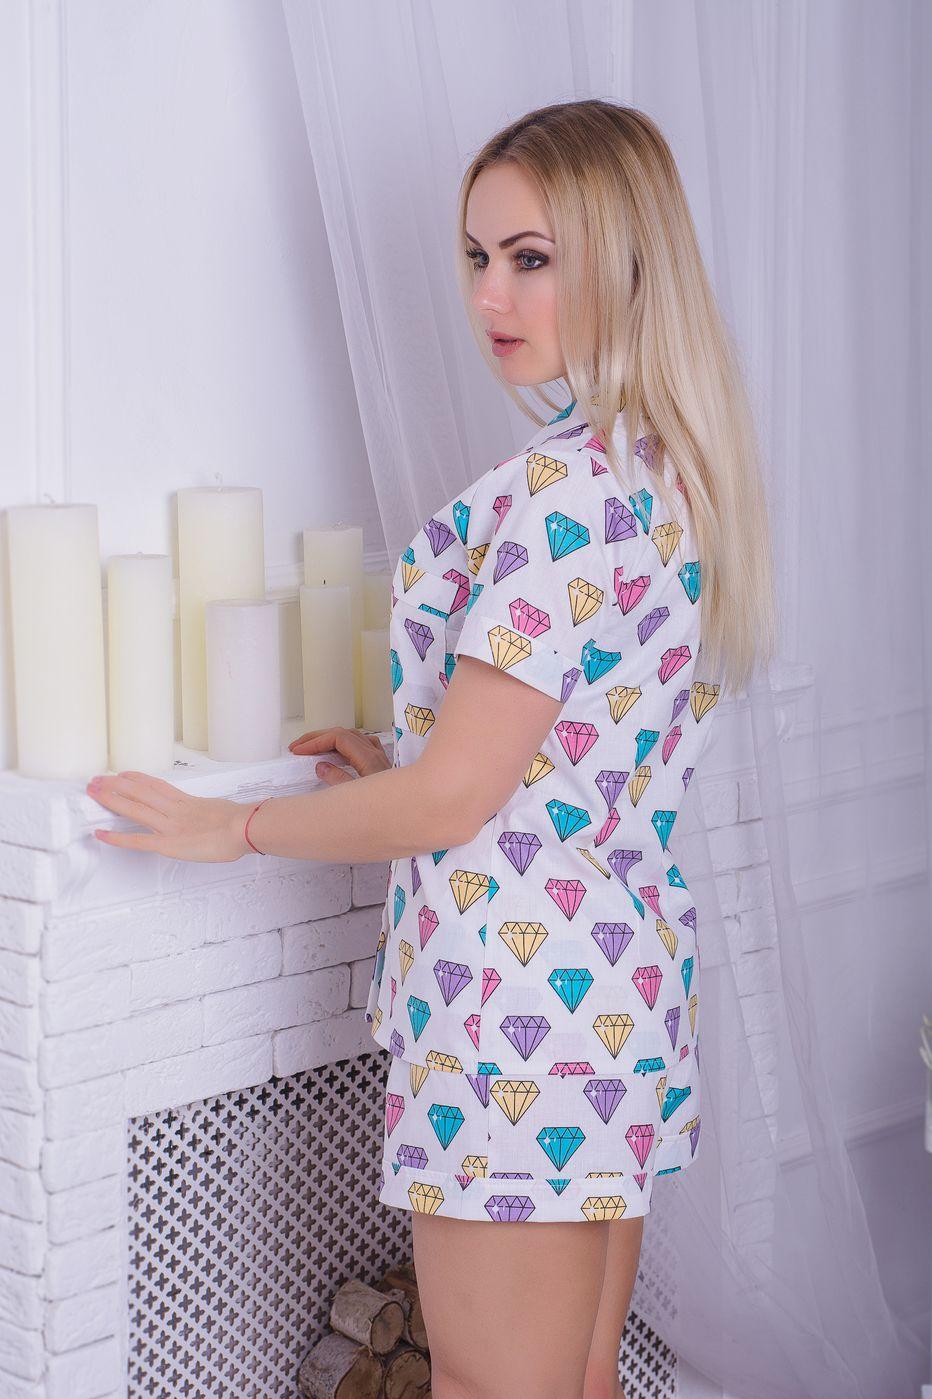 Хлопковая пижама MiaNaGreen П404 Диаманты - купить в интернет ... 934537c99b245